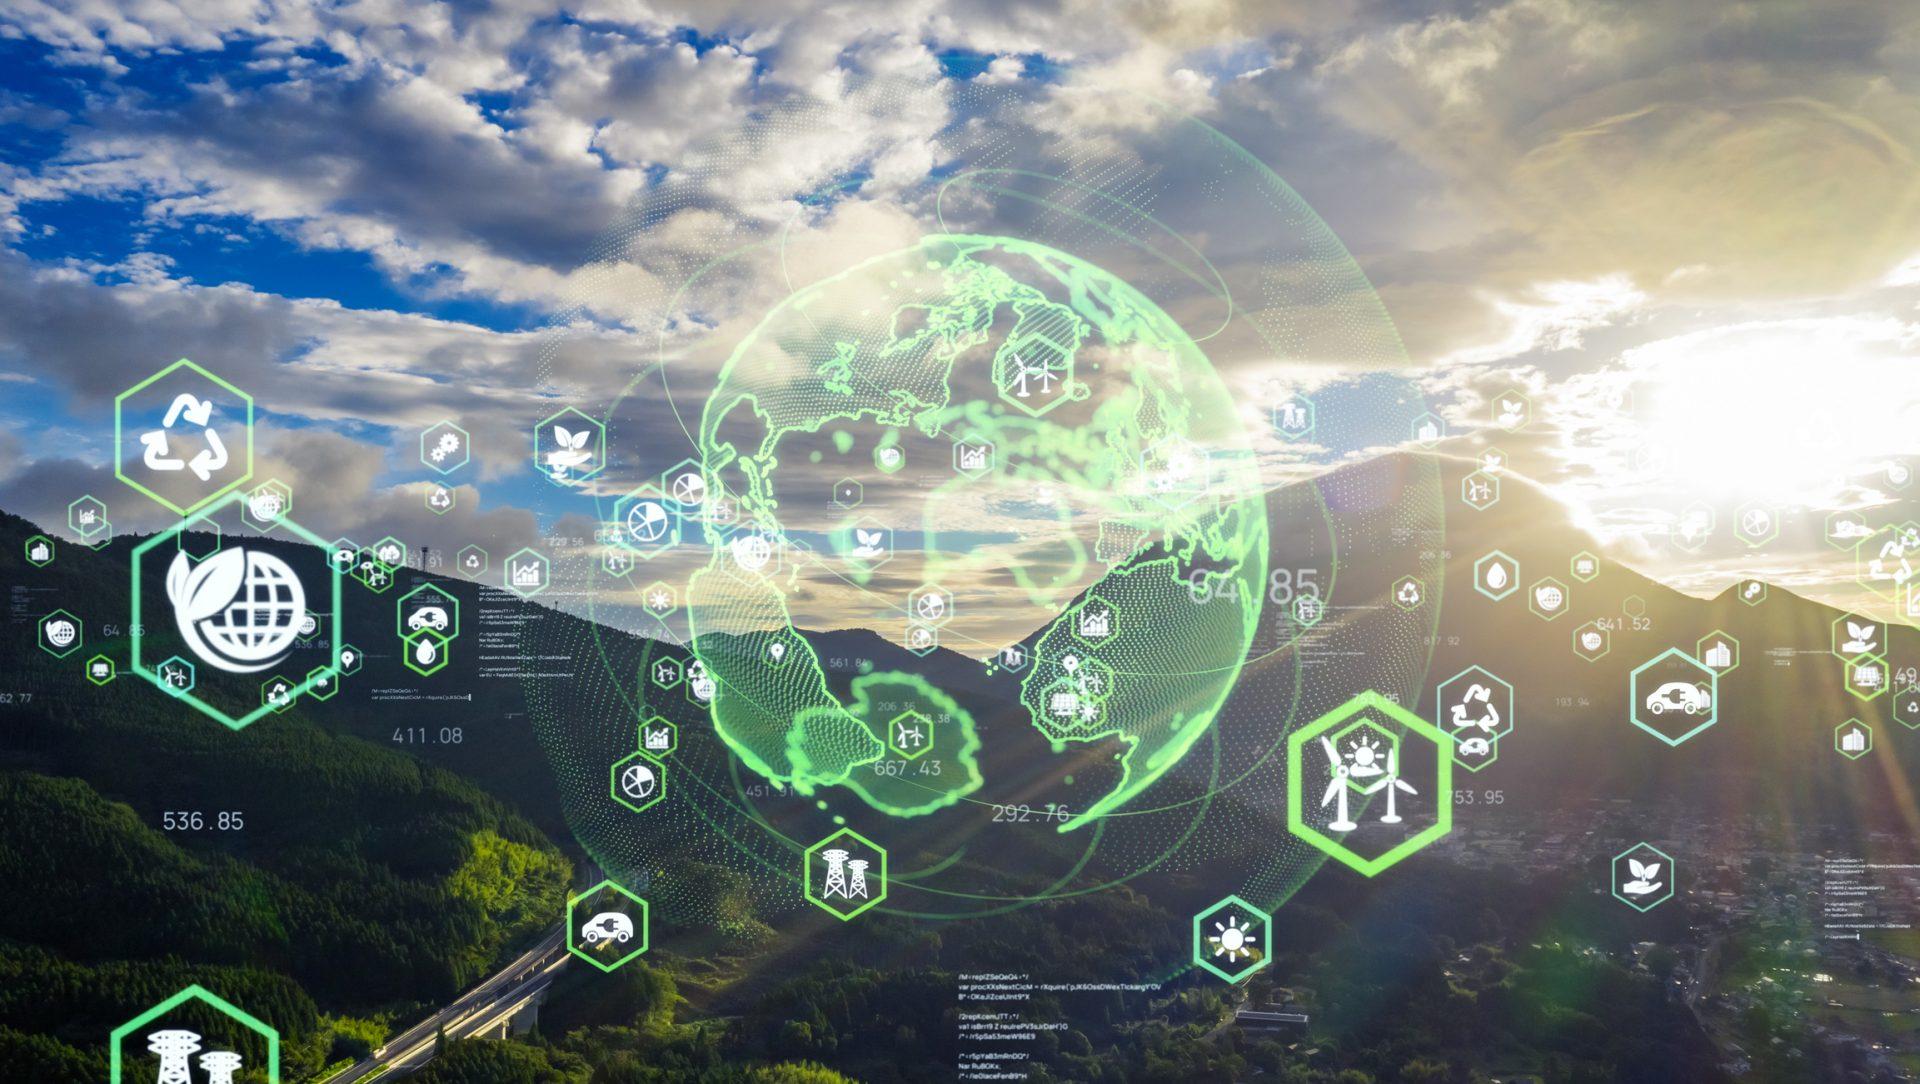 gobankingrates.com - Viridi Funds Launches RIGZ Cleaner Energy Crypto-Mining ETF